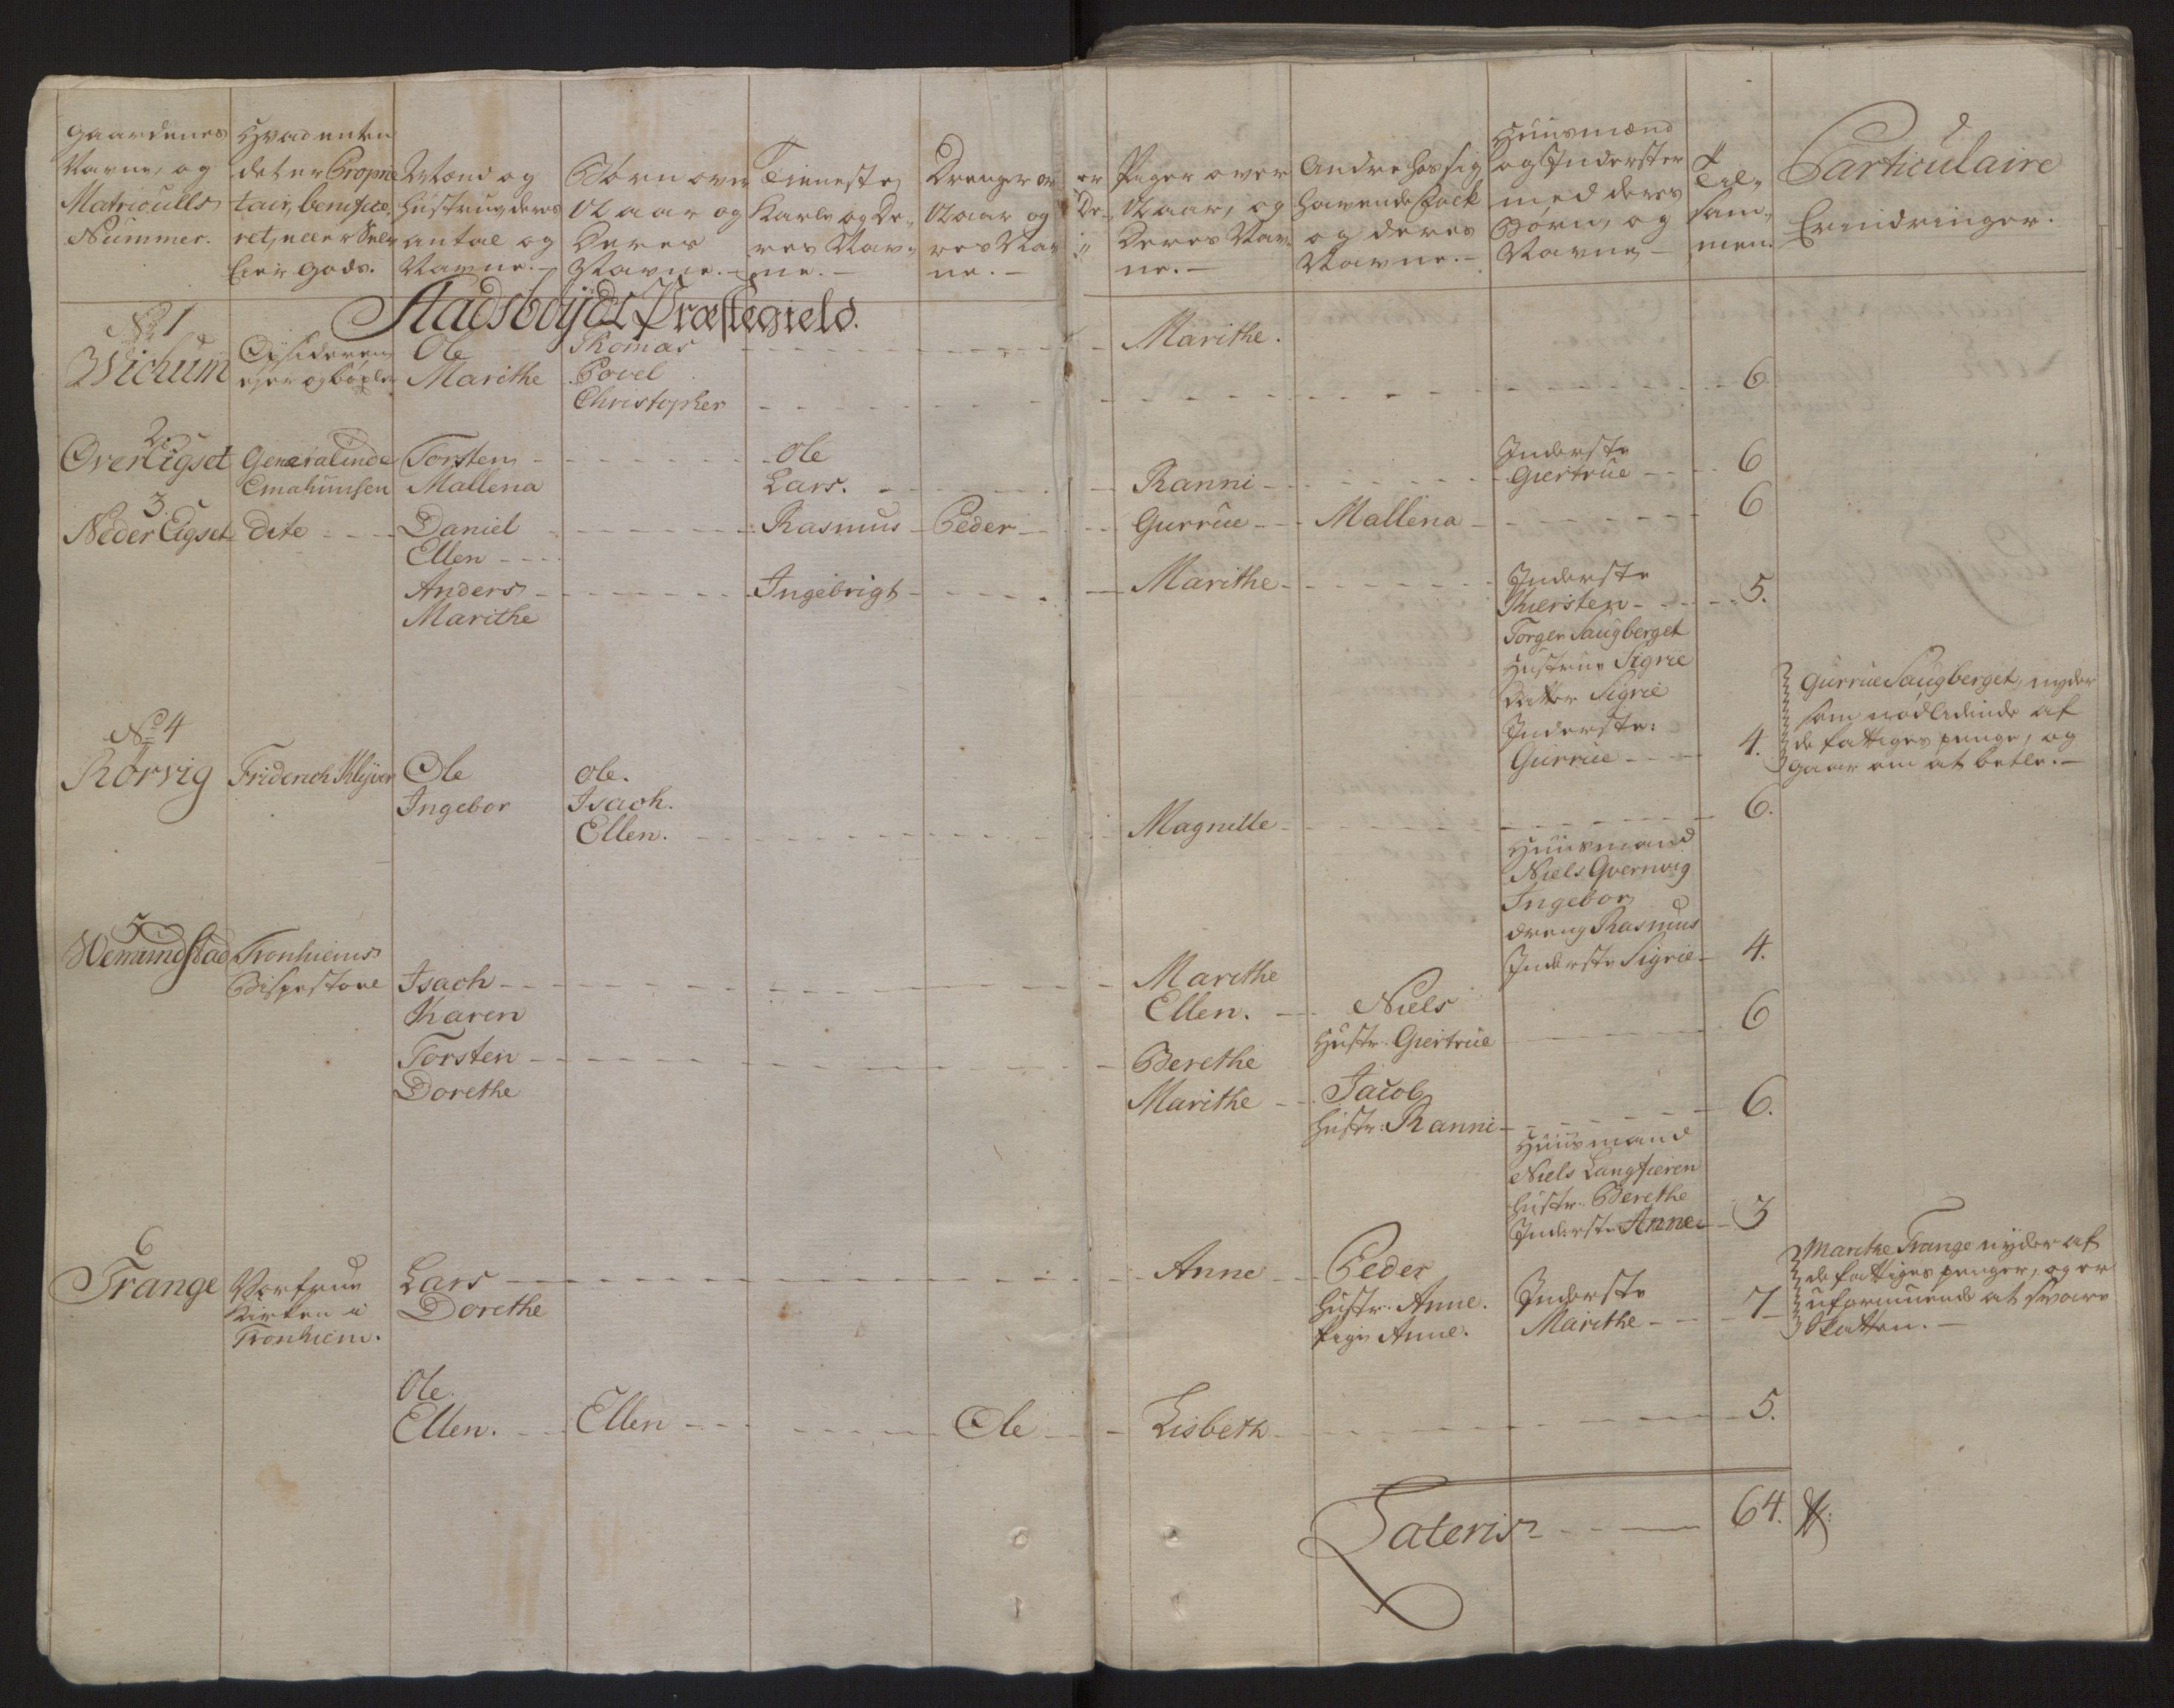 RA, Rentekammeret inntil 1814, Reviderte regnskaper, Fogderegnskap, R57/L3930: Ekstraskatten Fosen, 1762-1763, s. 17